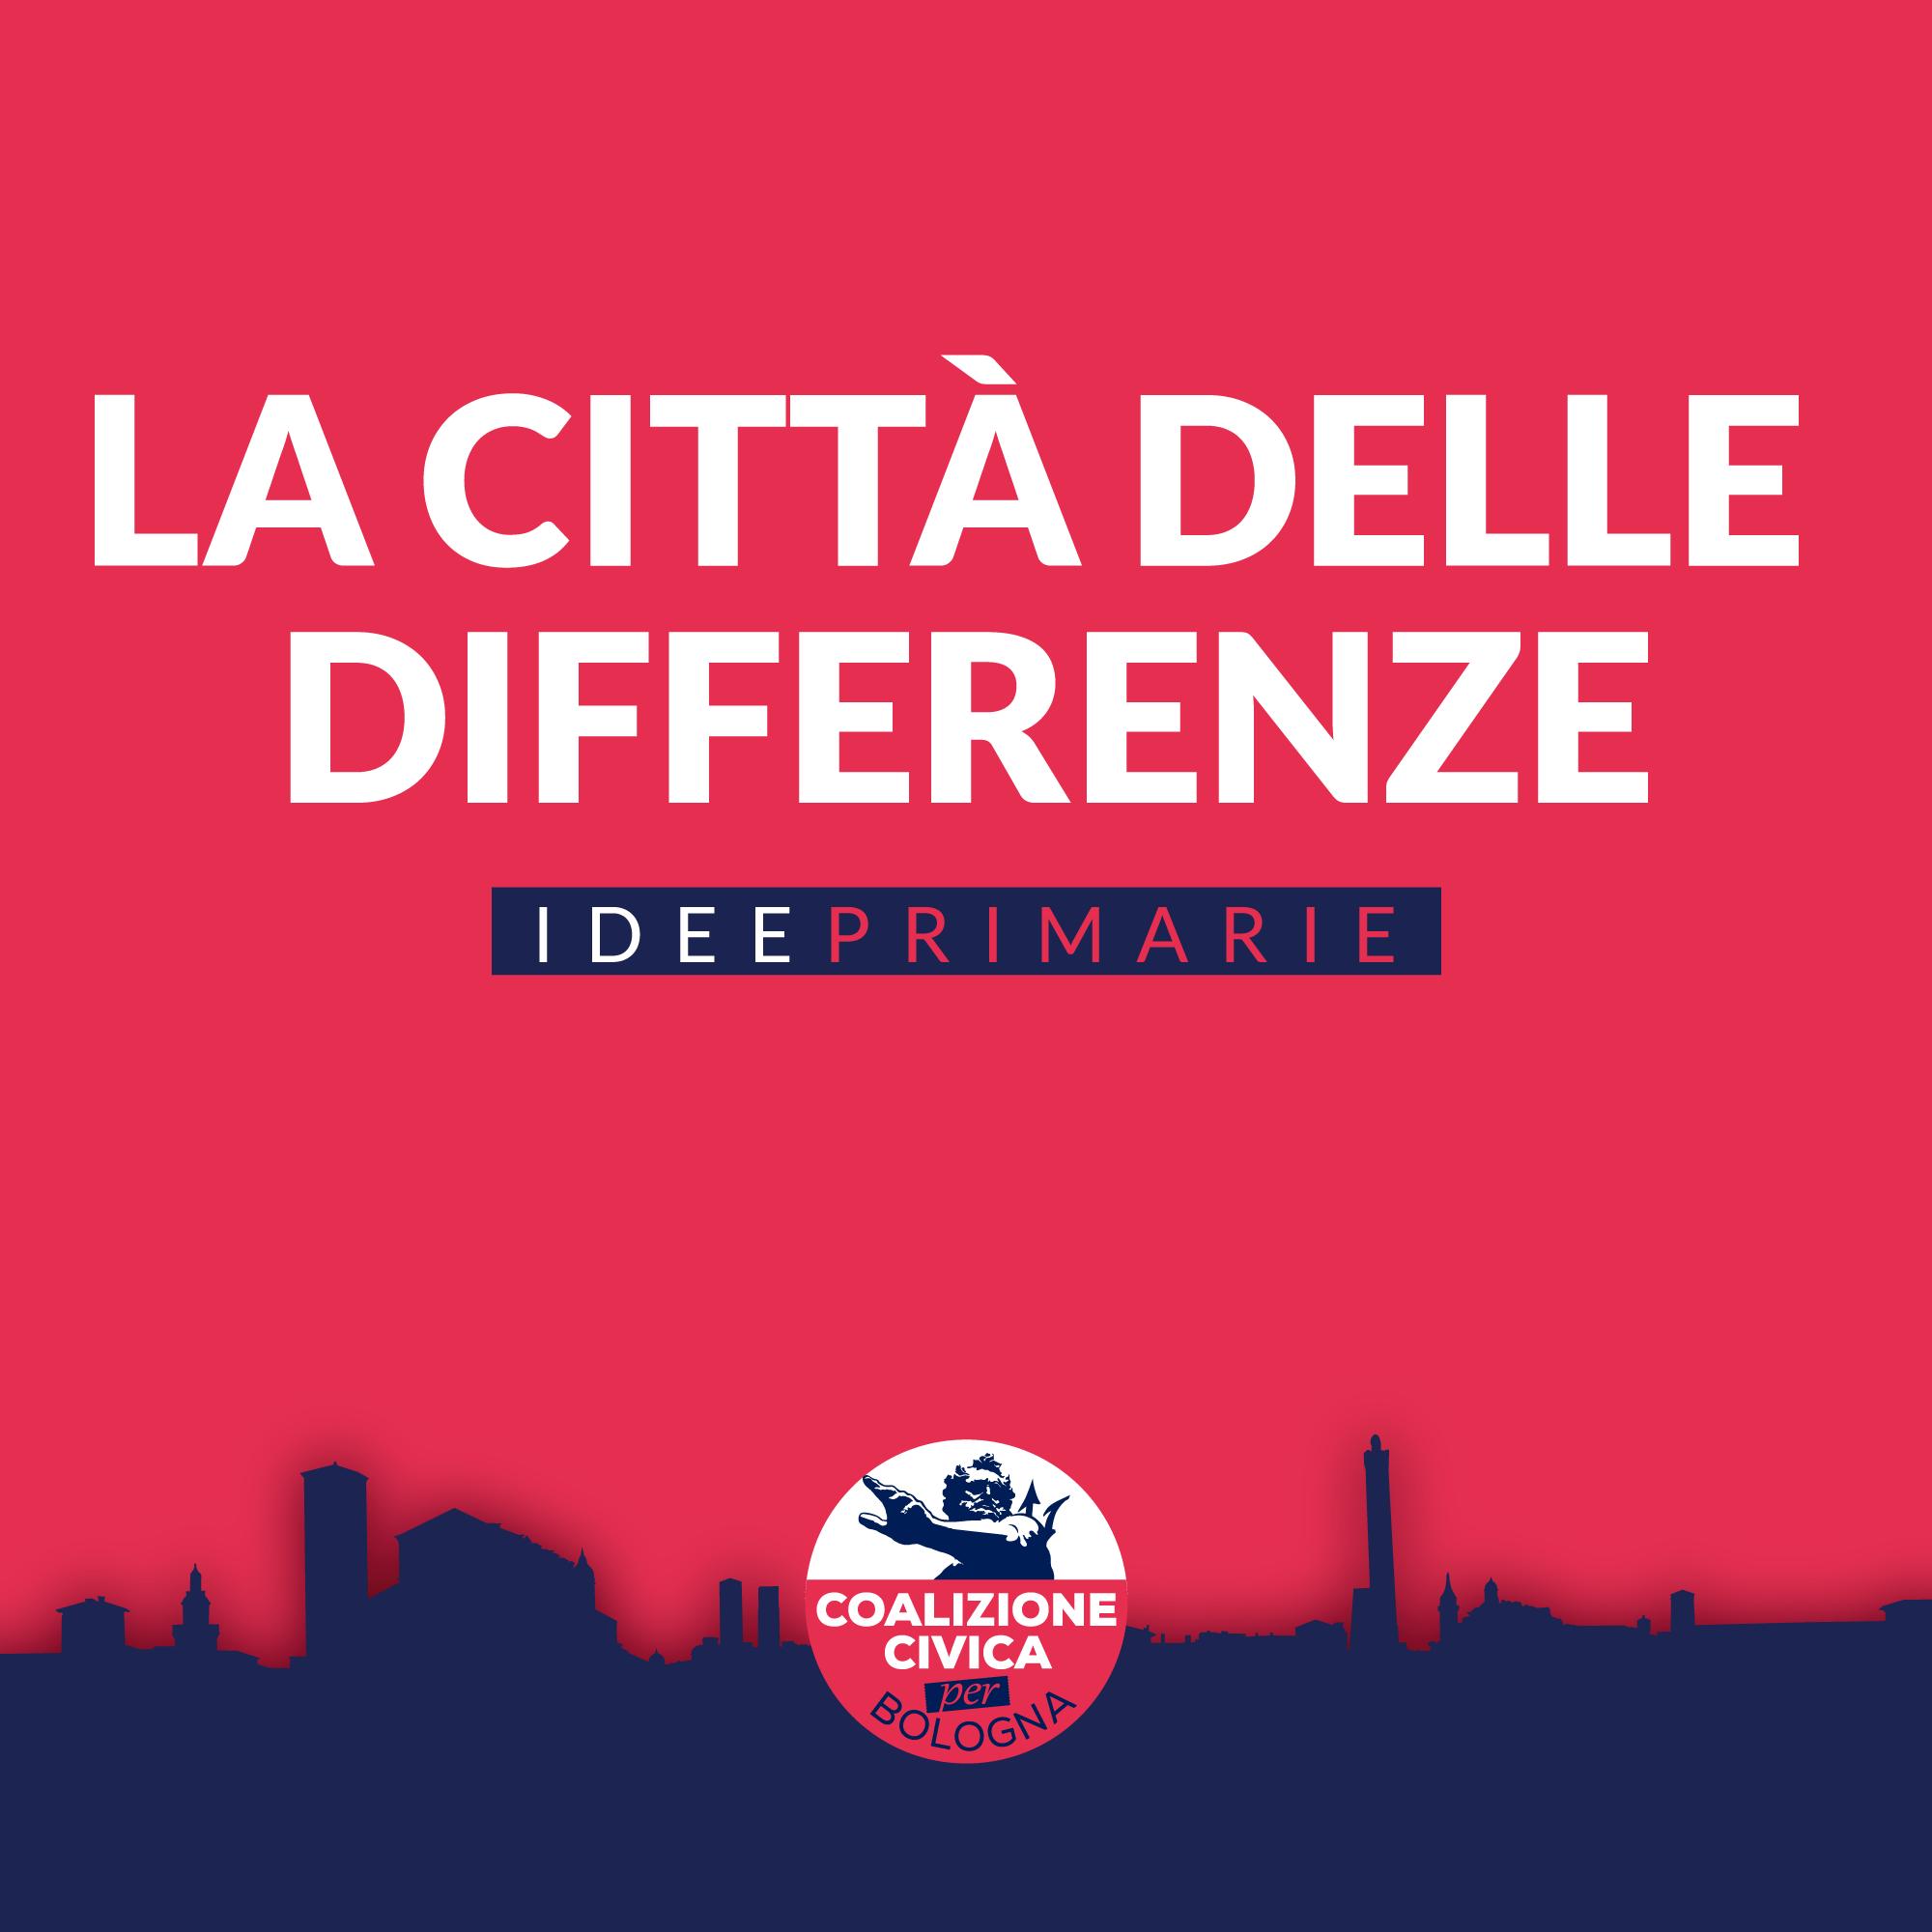 Idee primarie: la città delle differenze